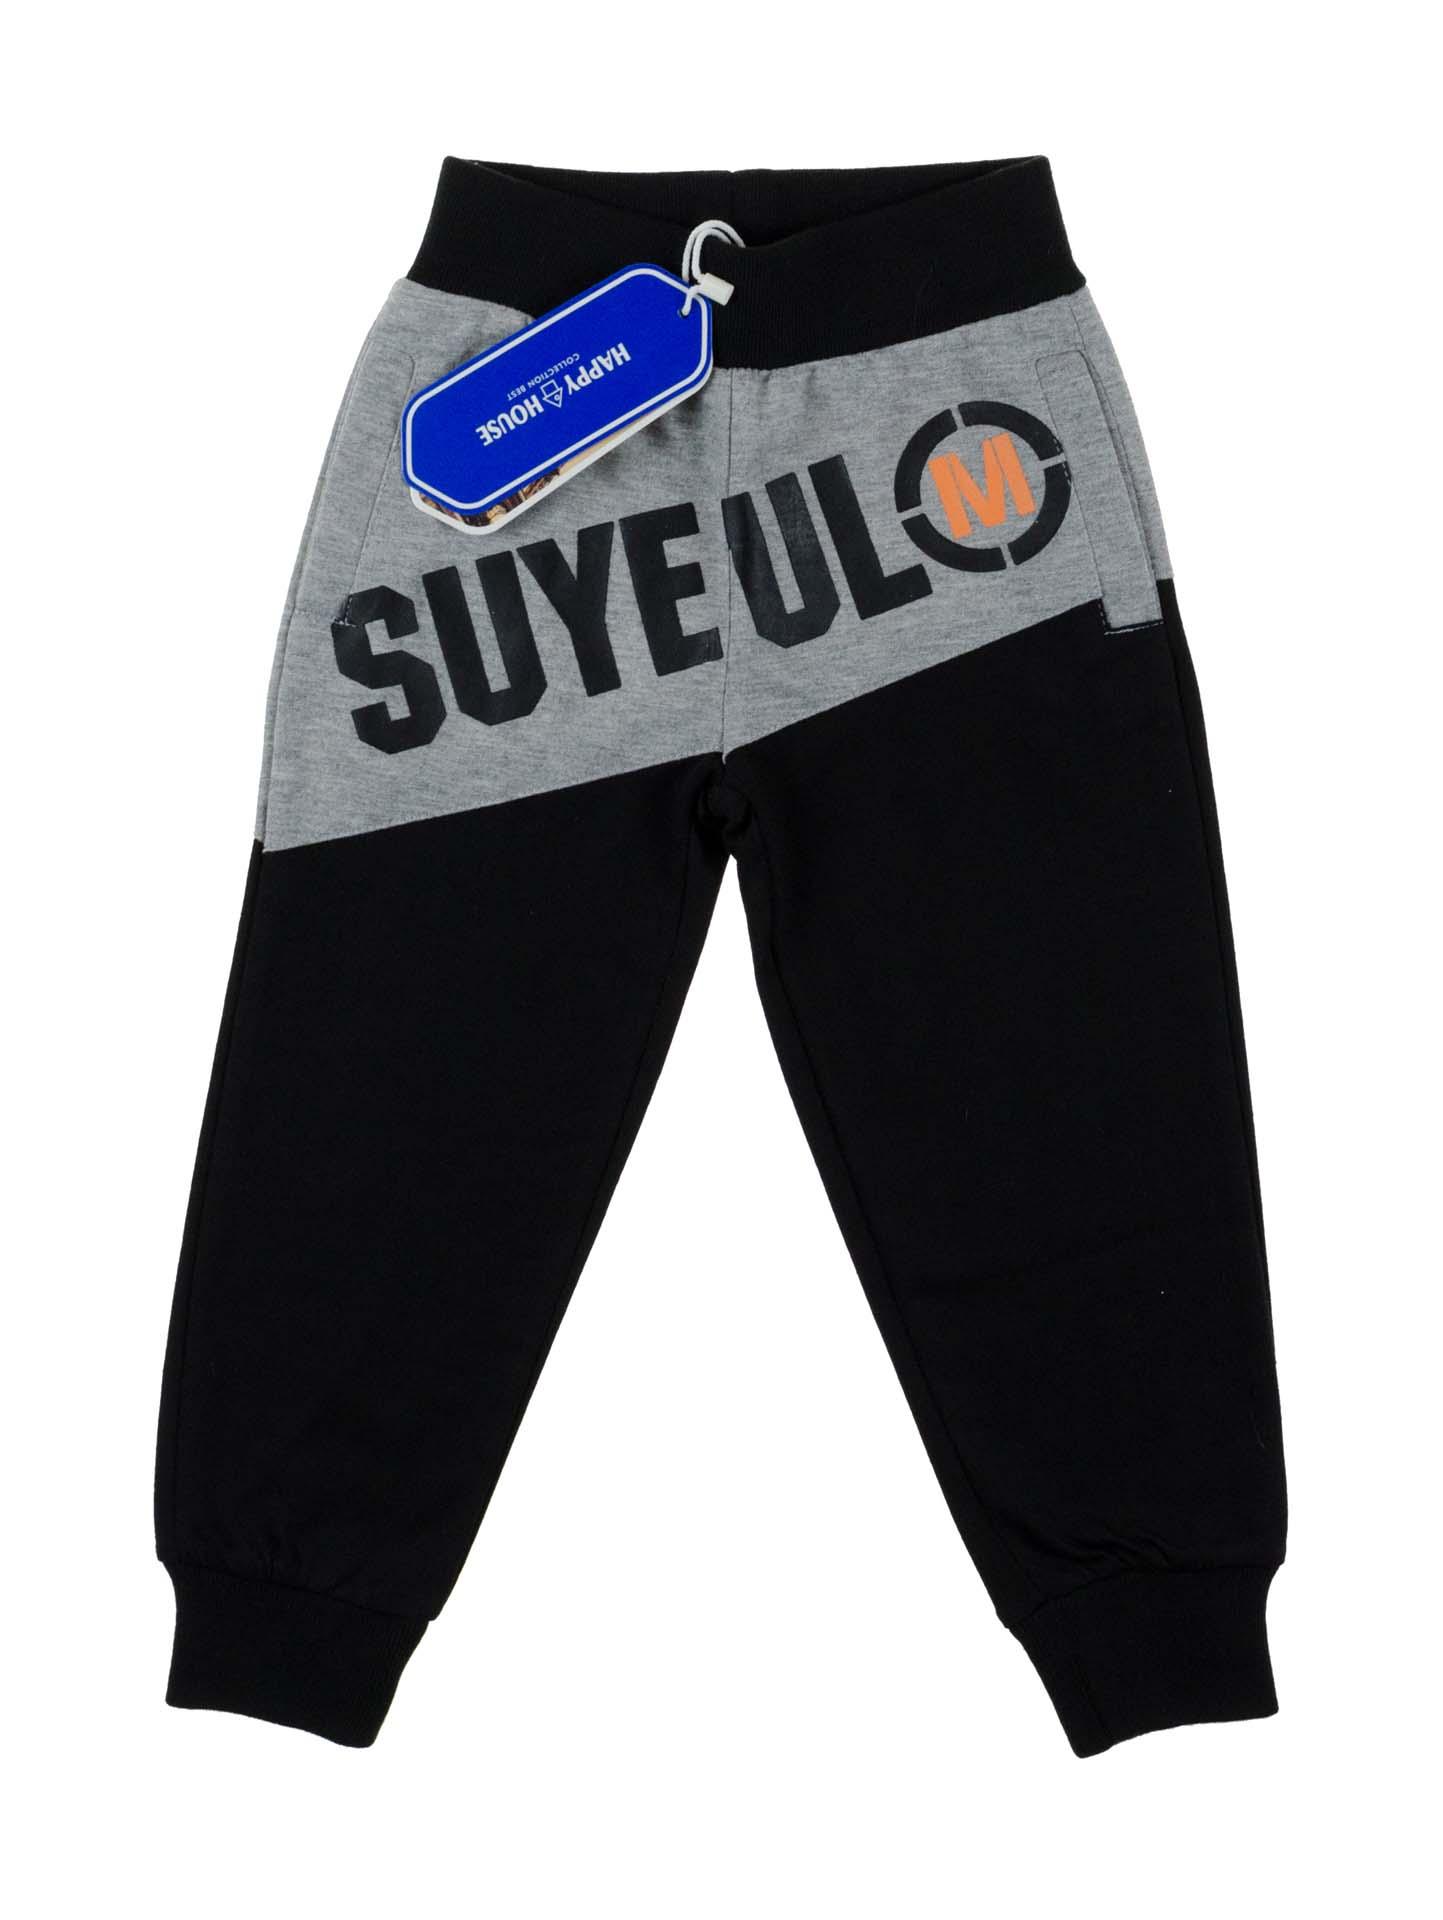 6f47197b Купить Спортивные штаны для мальчика | Top Shelf | Интернет-магазин ...